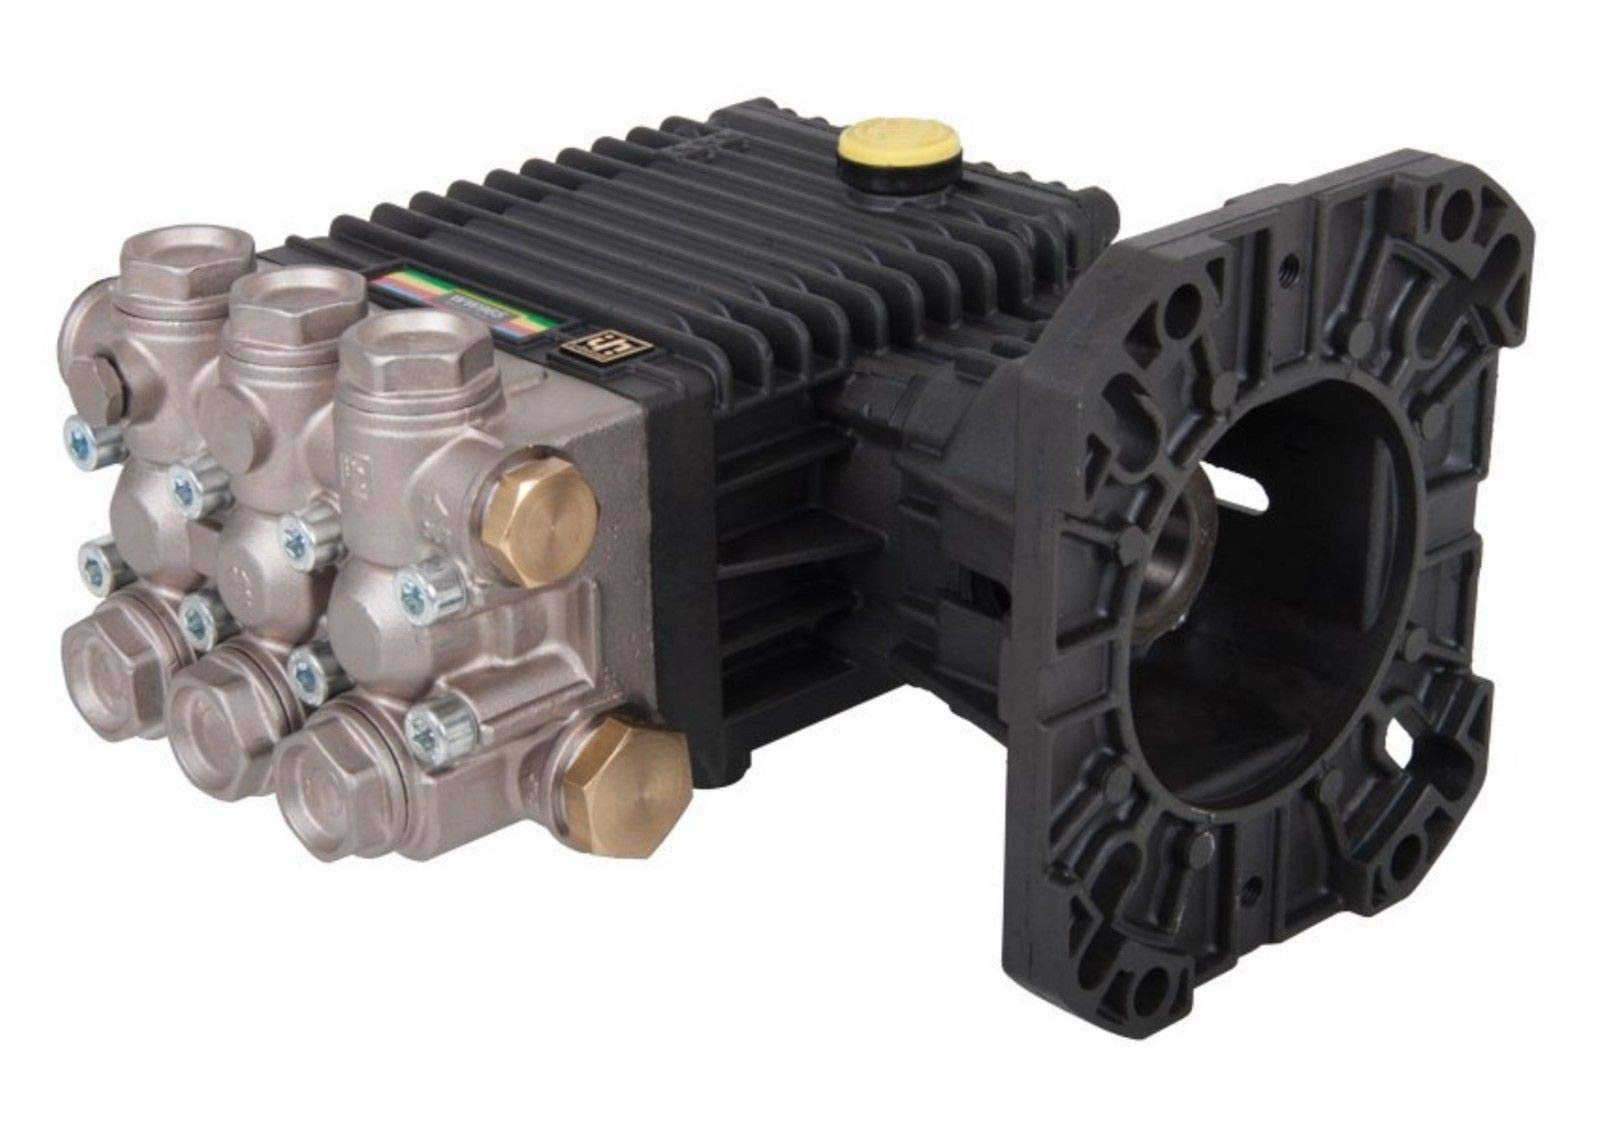 Interpump-Hochdruckreiniger-Jet-Wash-Original-WW965-Hohlwelle-Pumpe